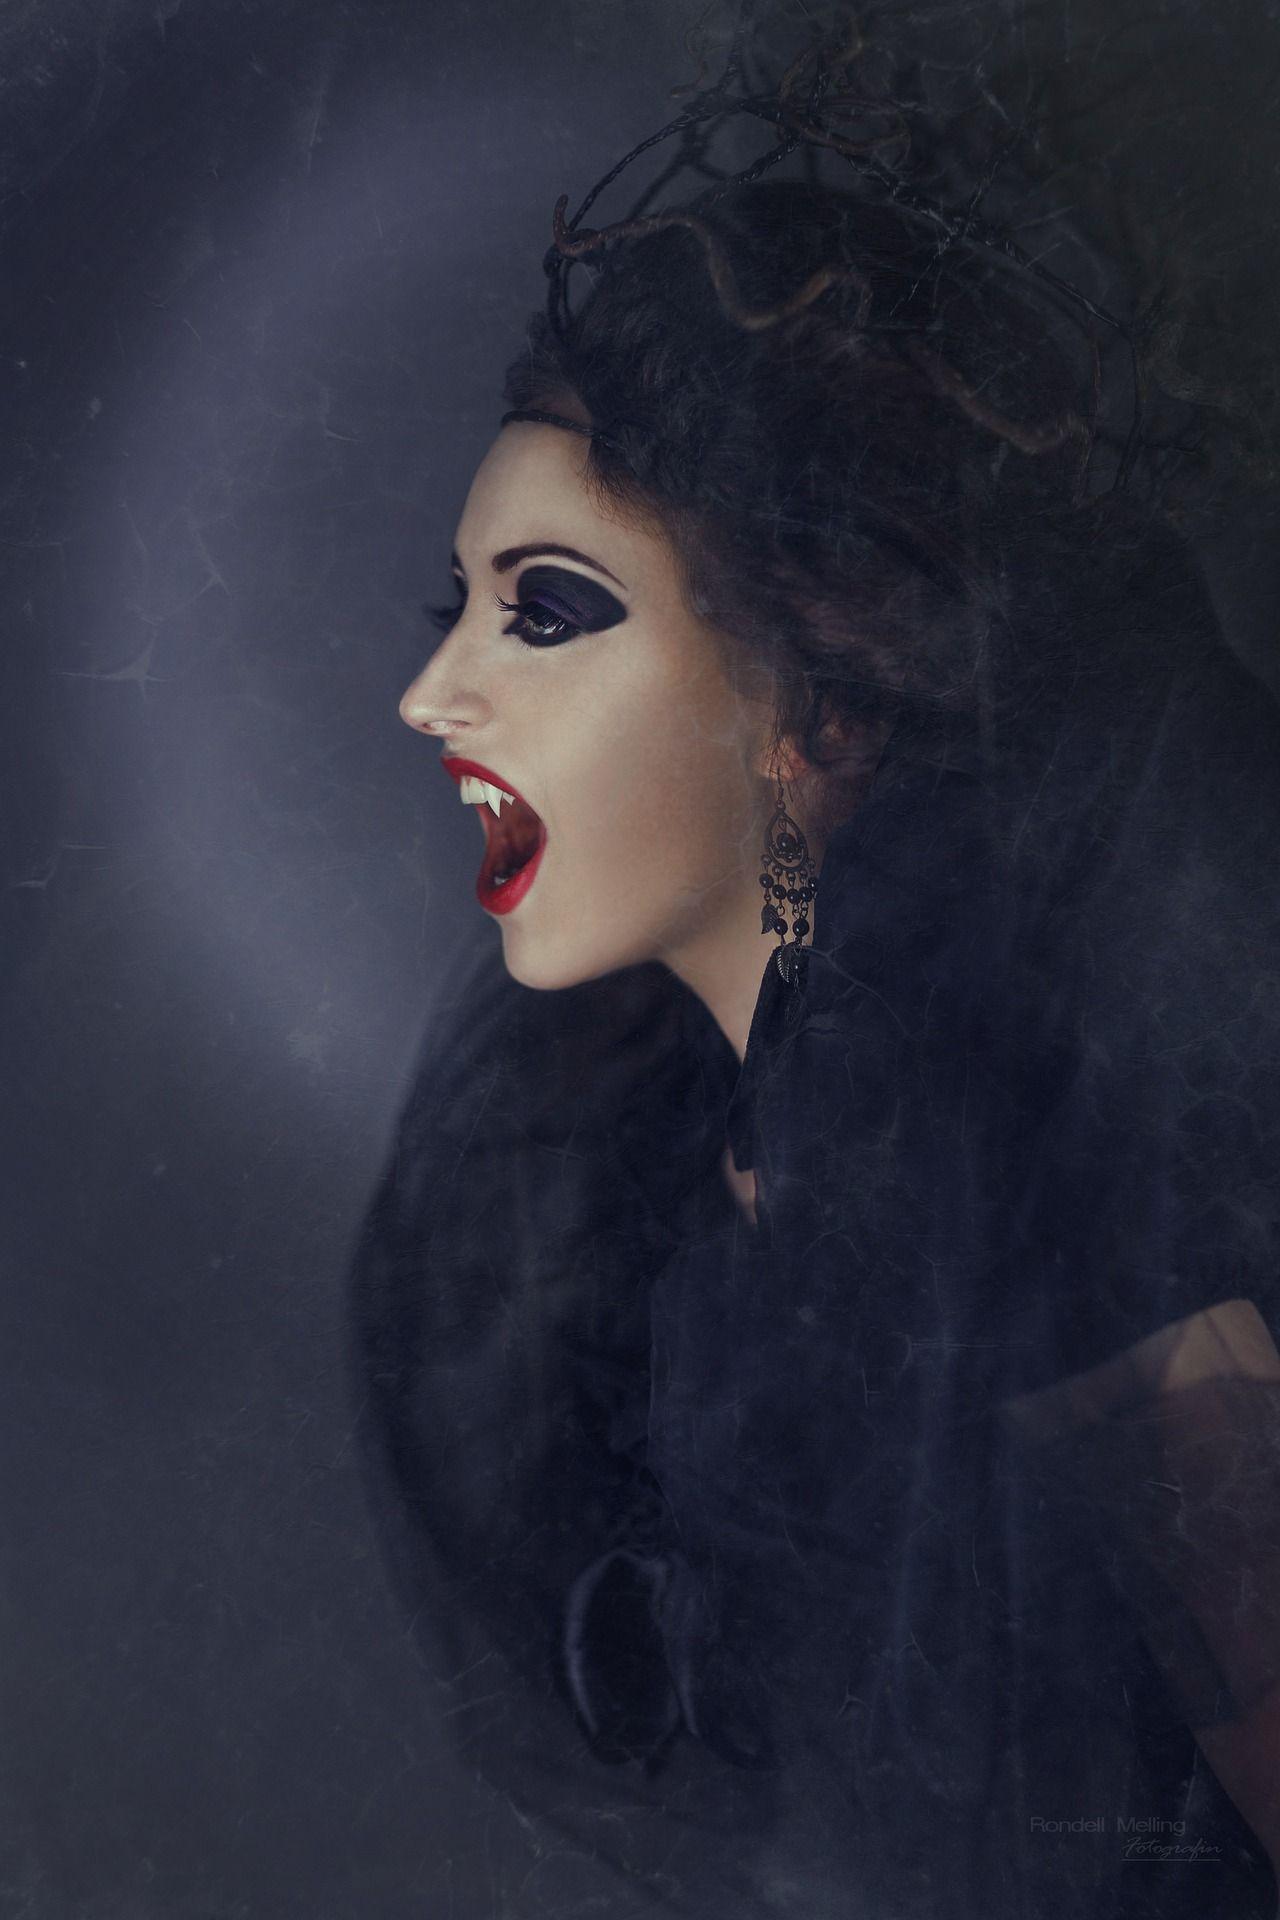 Vampire Girl Android Phone Wallpaper Vampire Girls And